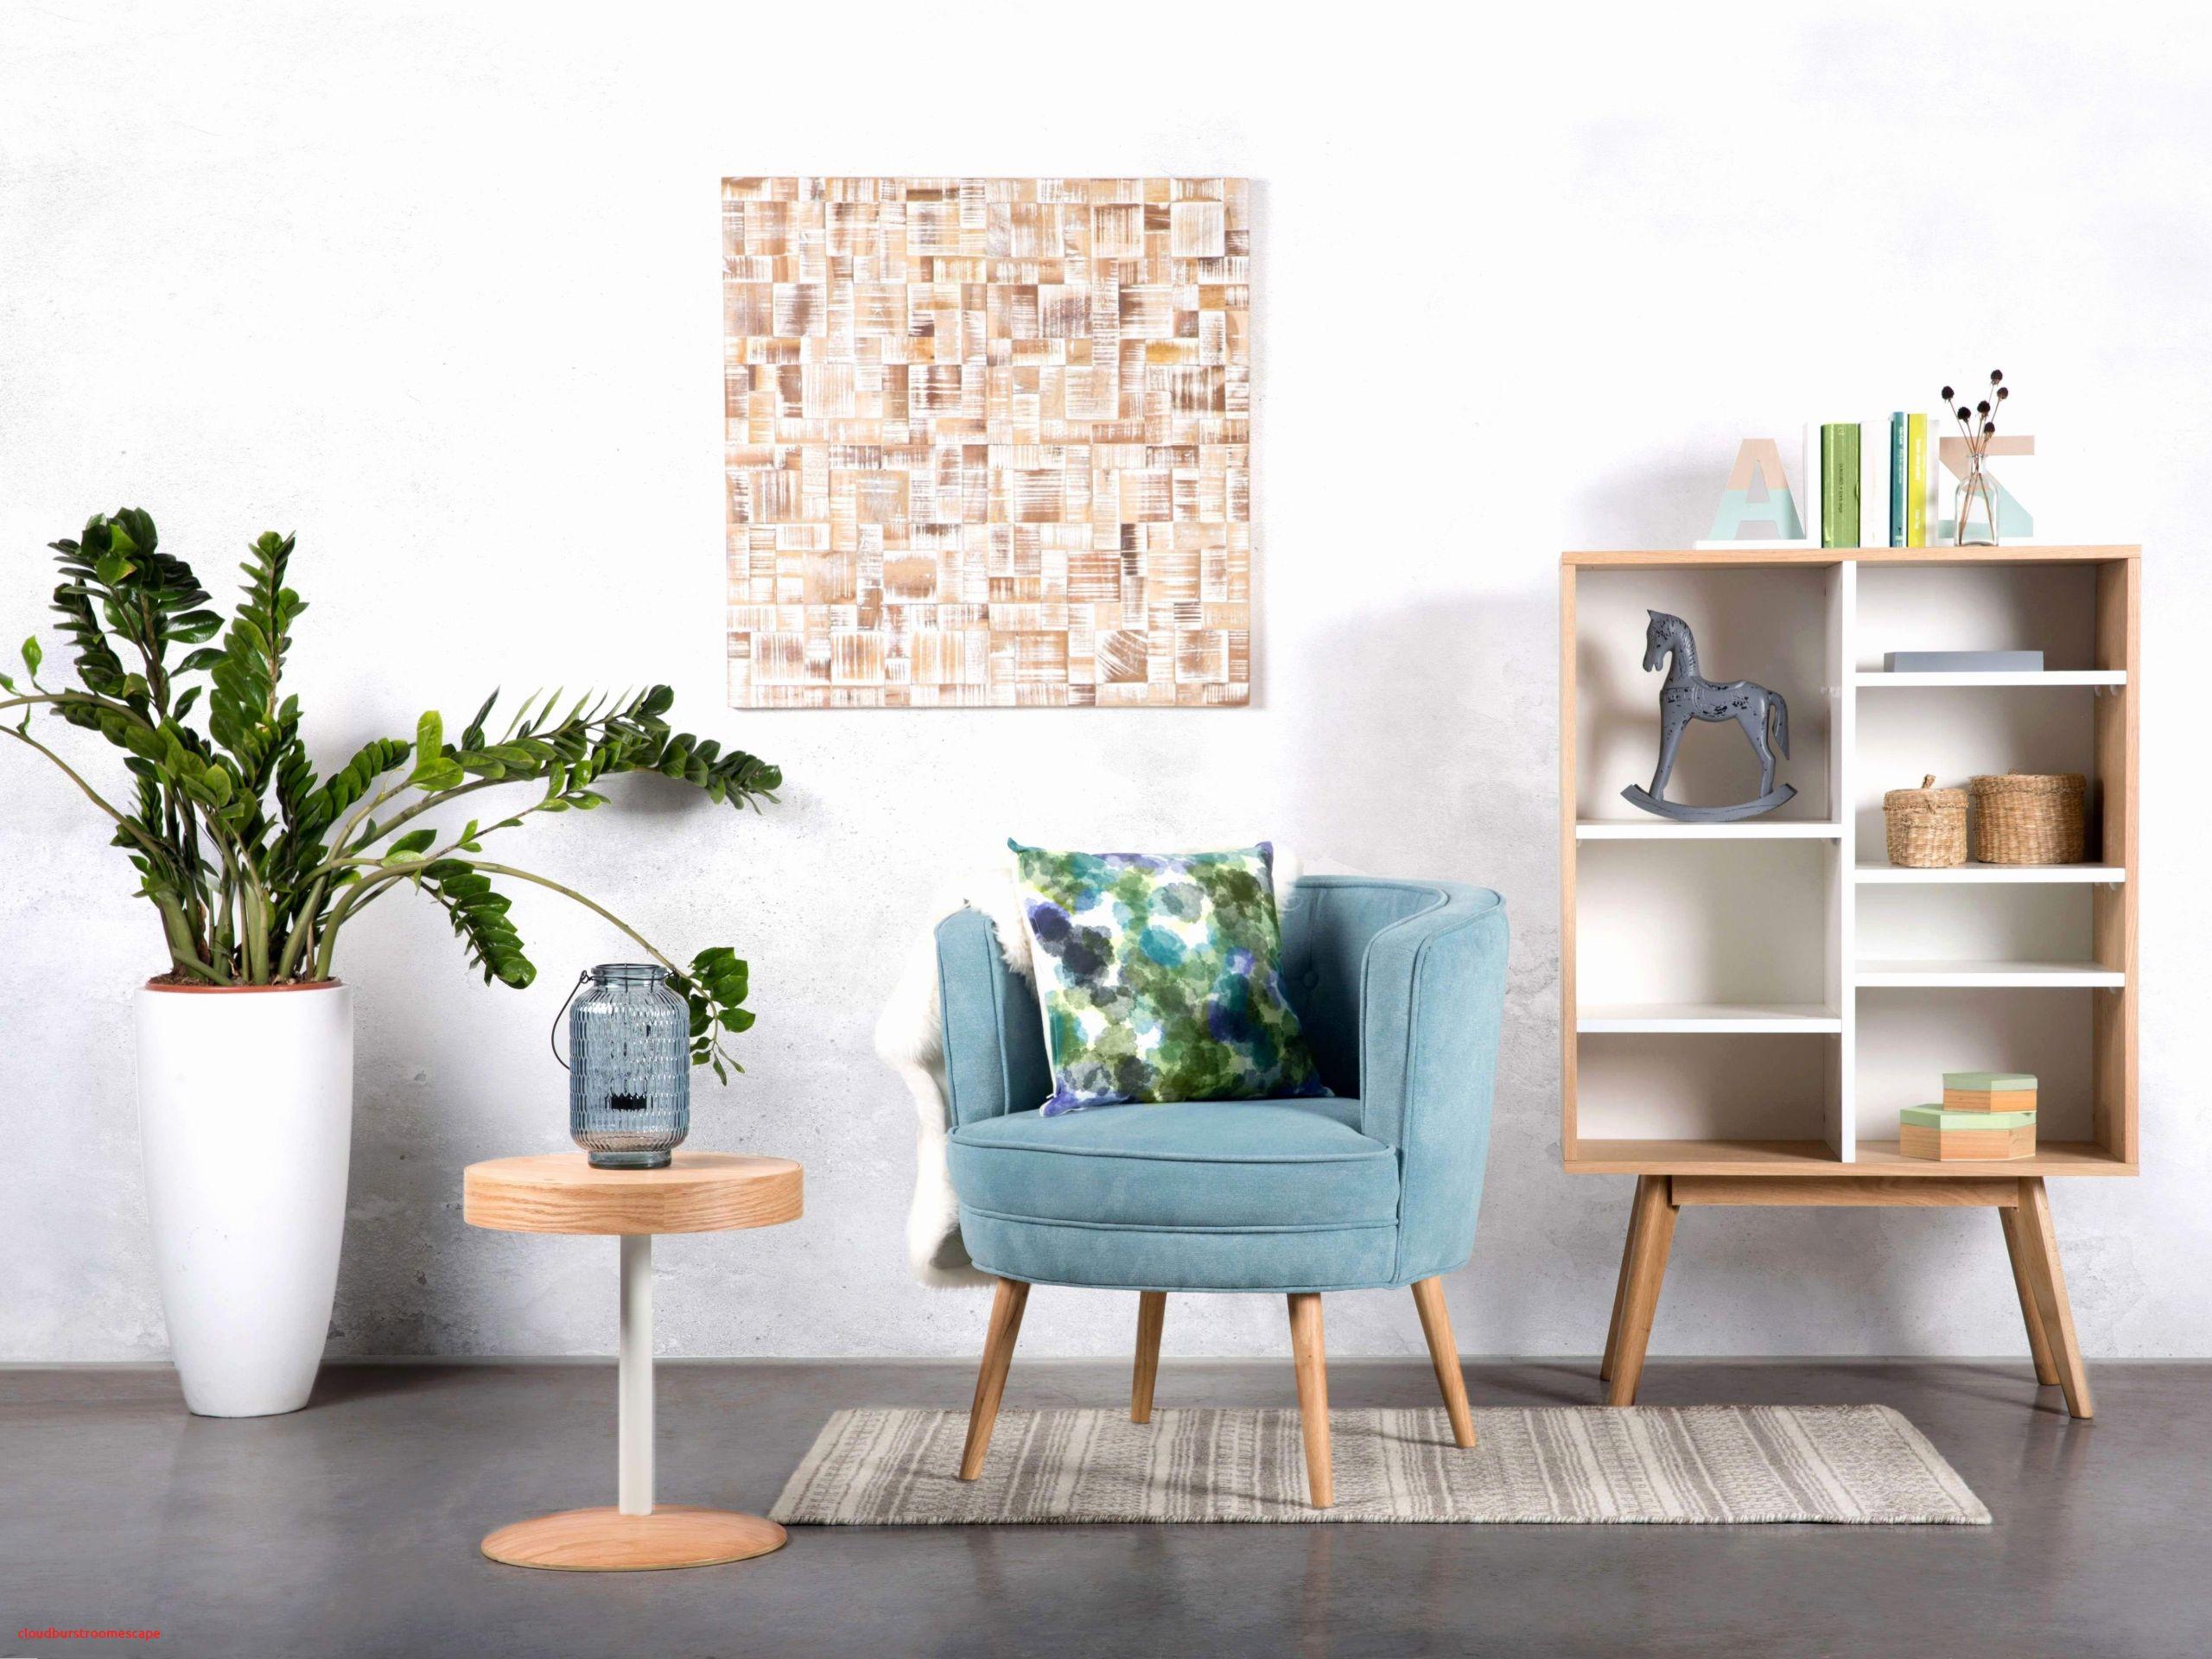 deckenspots wohnzimmer frisch spots wohnzimmer luxus designer lampen of deckenspots wohnzimmer scaled